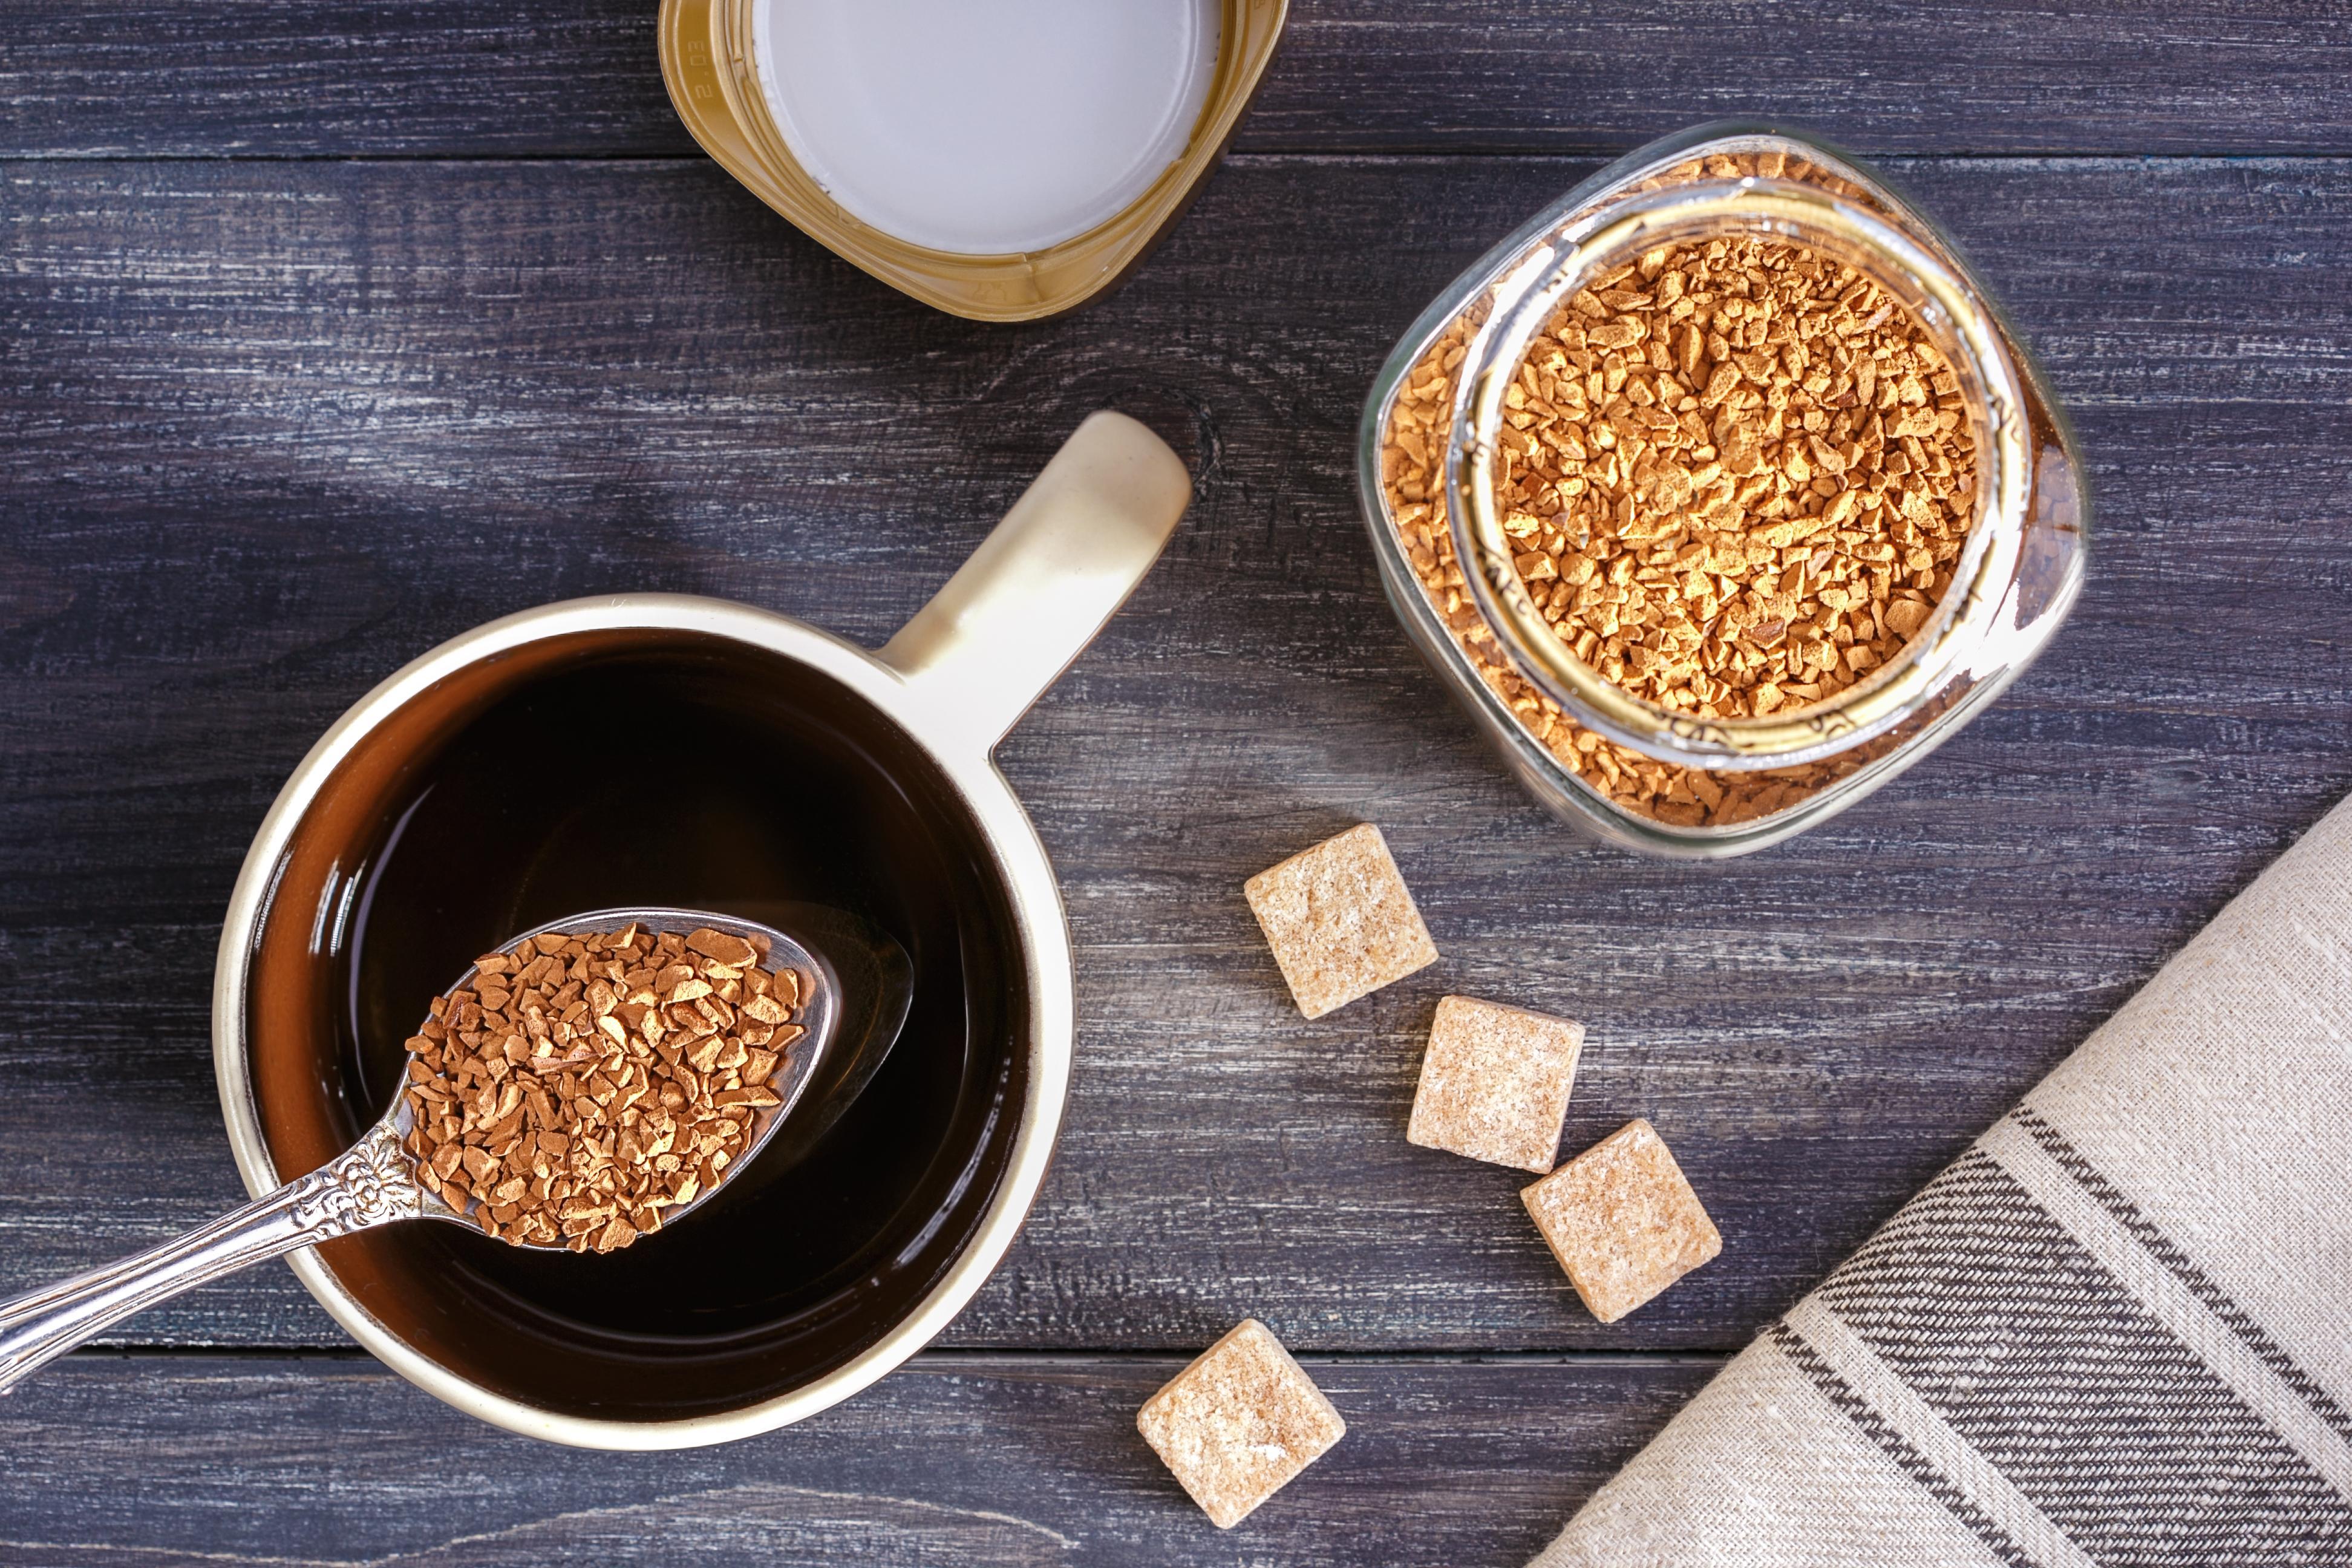 Купити сублімовану каву с доставкою від онлайн-магазину Leader Coffee